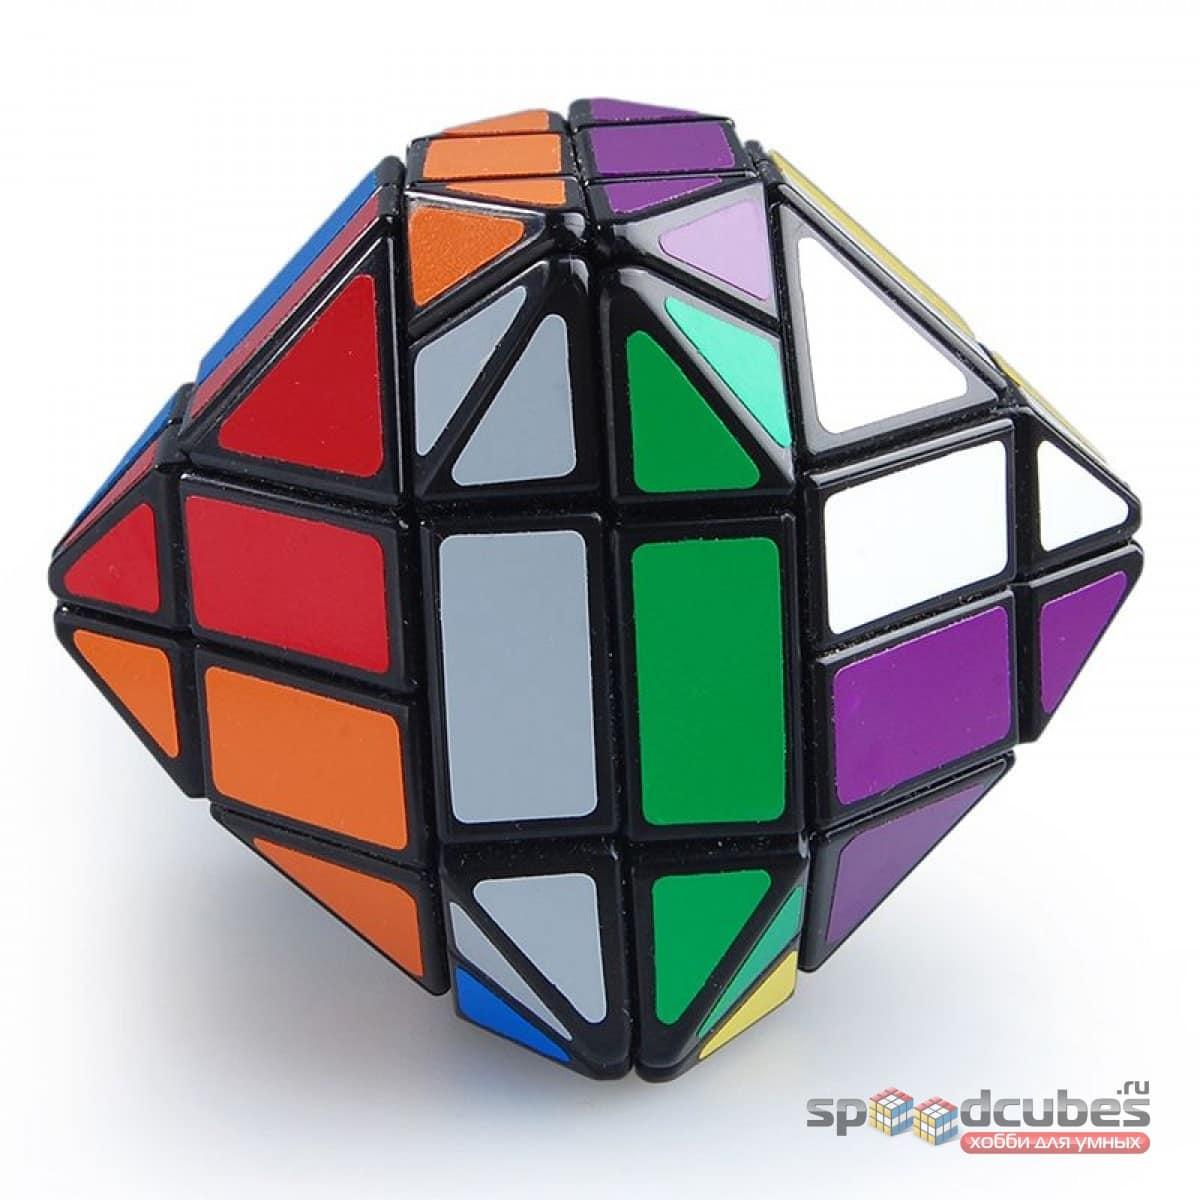 Lanlan Rhombic Dodecahedron 4